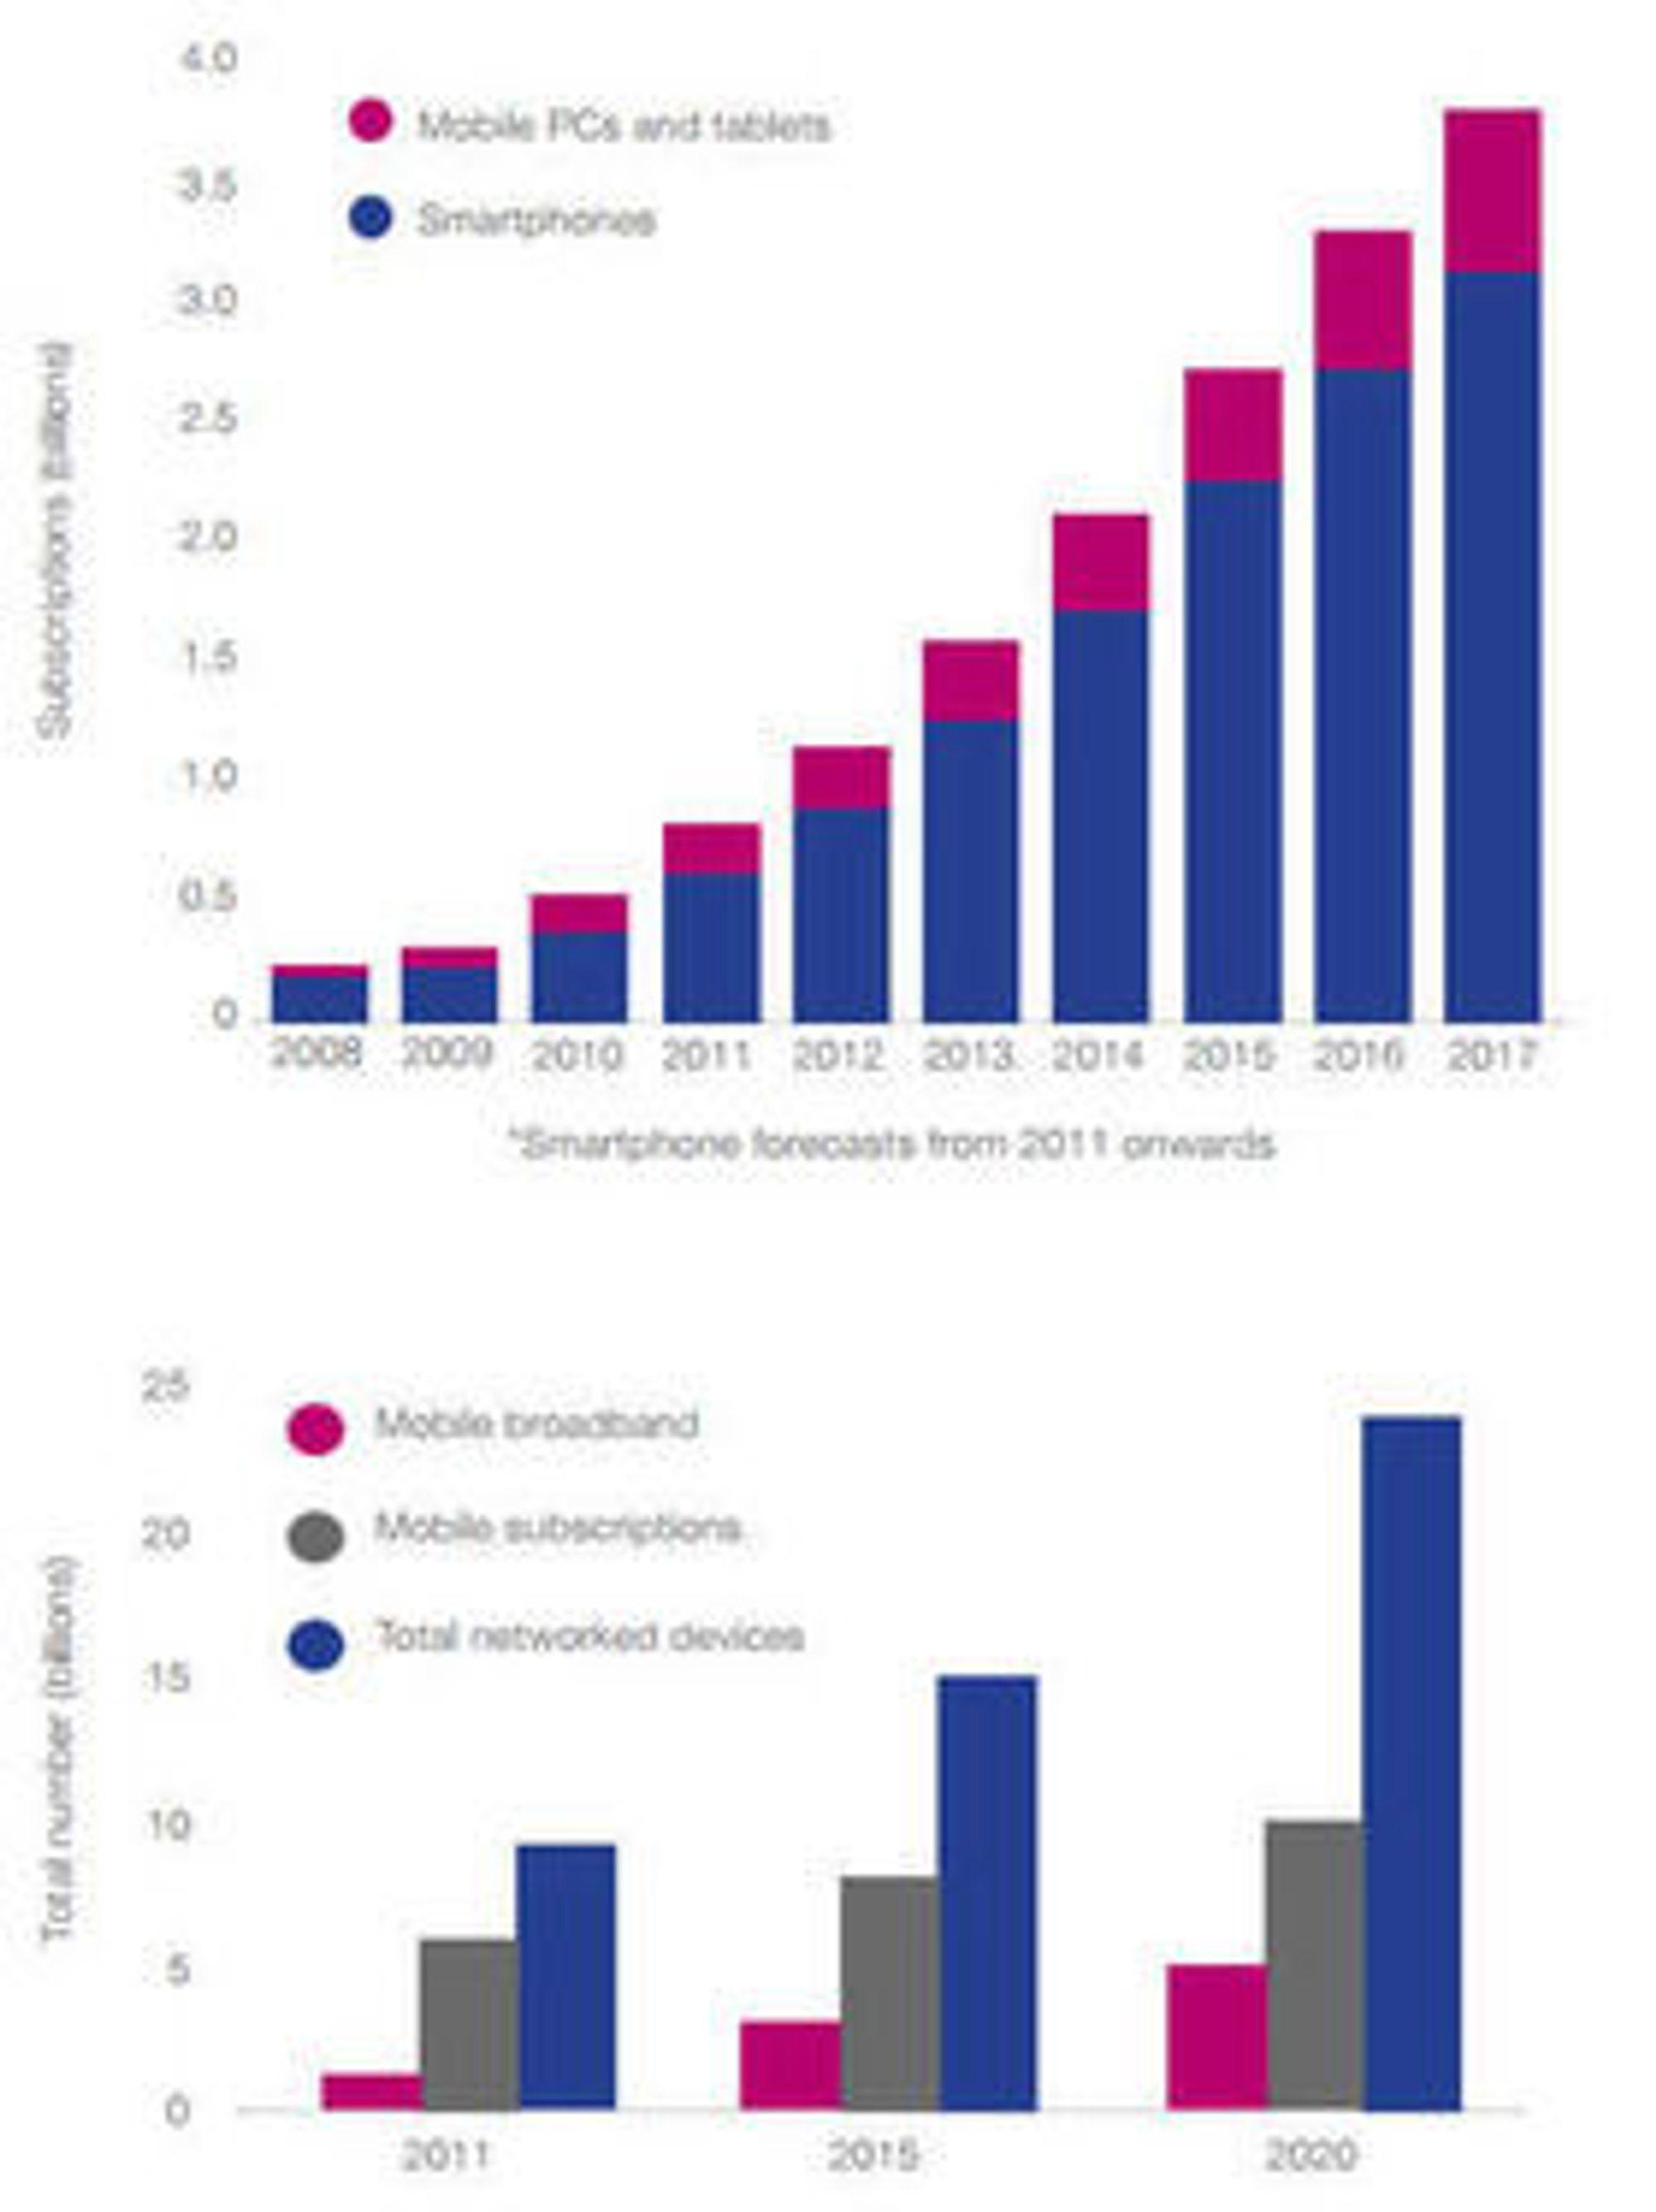 Kommisjonen venter sterk vekst både når det gjelder bruken av smartmobiler, mobilt bredbånd og antallet enheter som er knyttet til et nettverk.